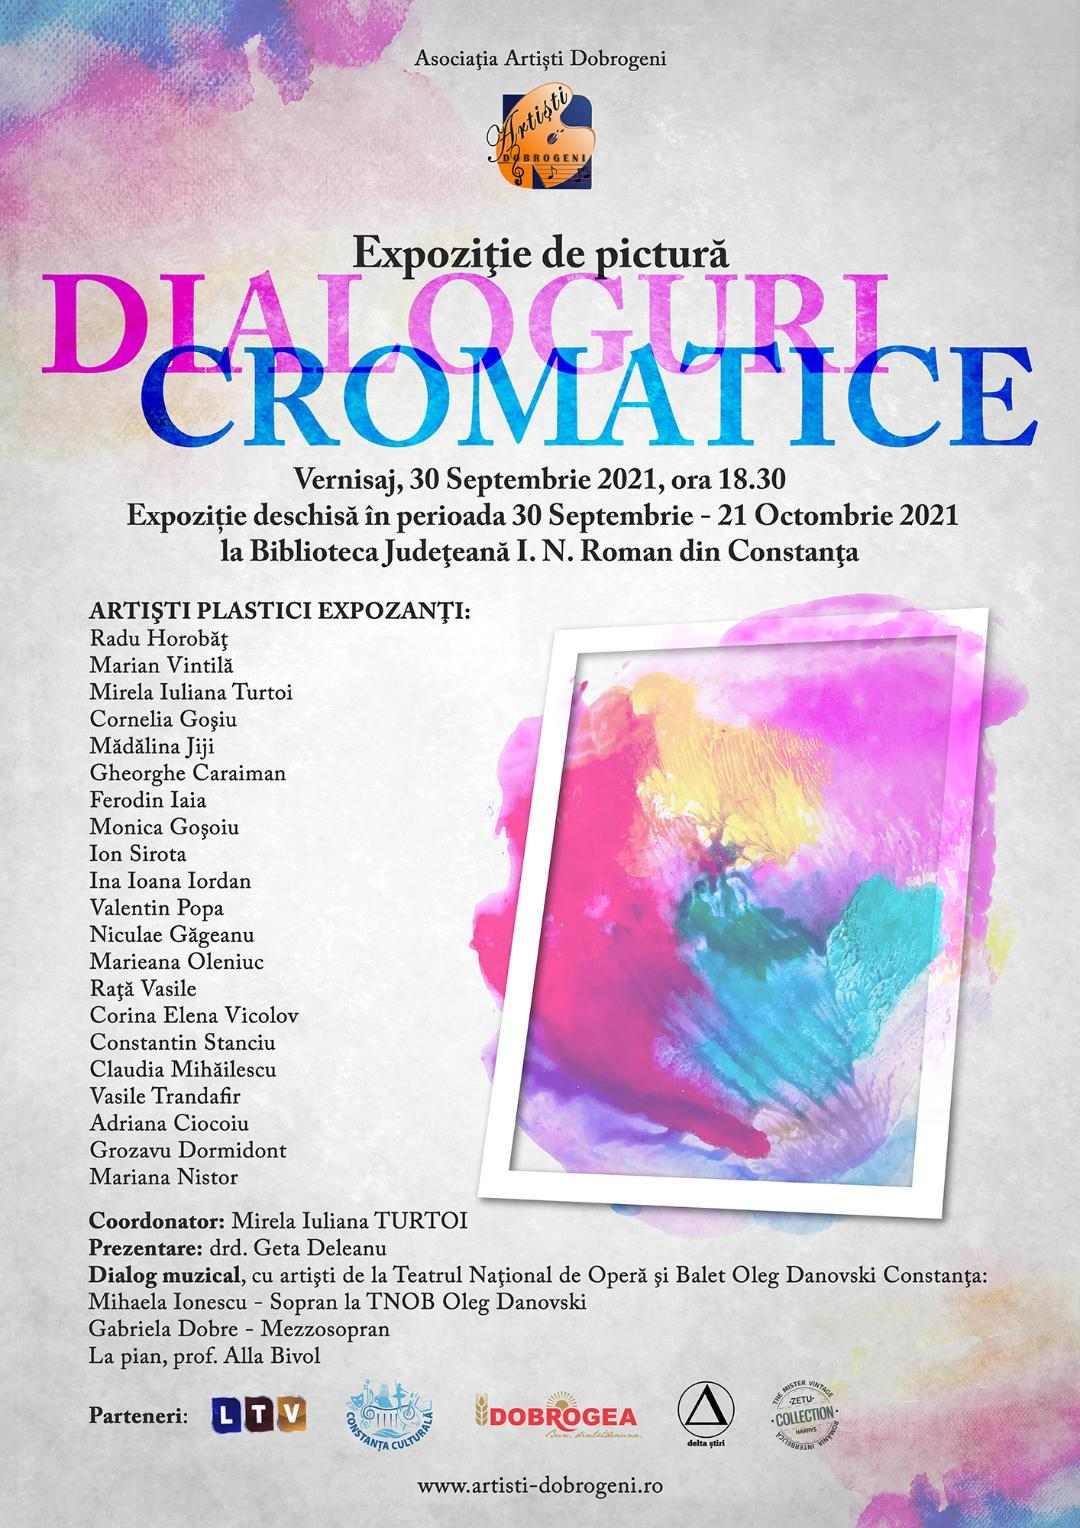 """Expozitie de pictură """"Dialoguri cromatice"""" - Vernisaj  30.09.2021"""